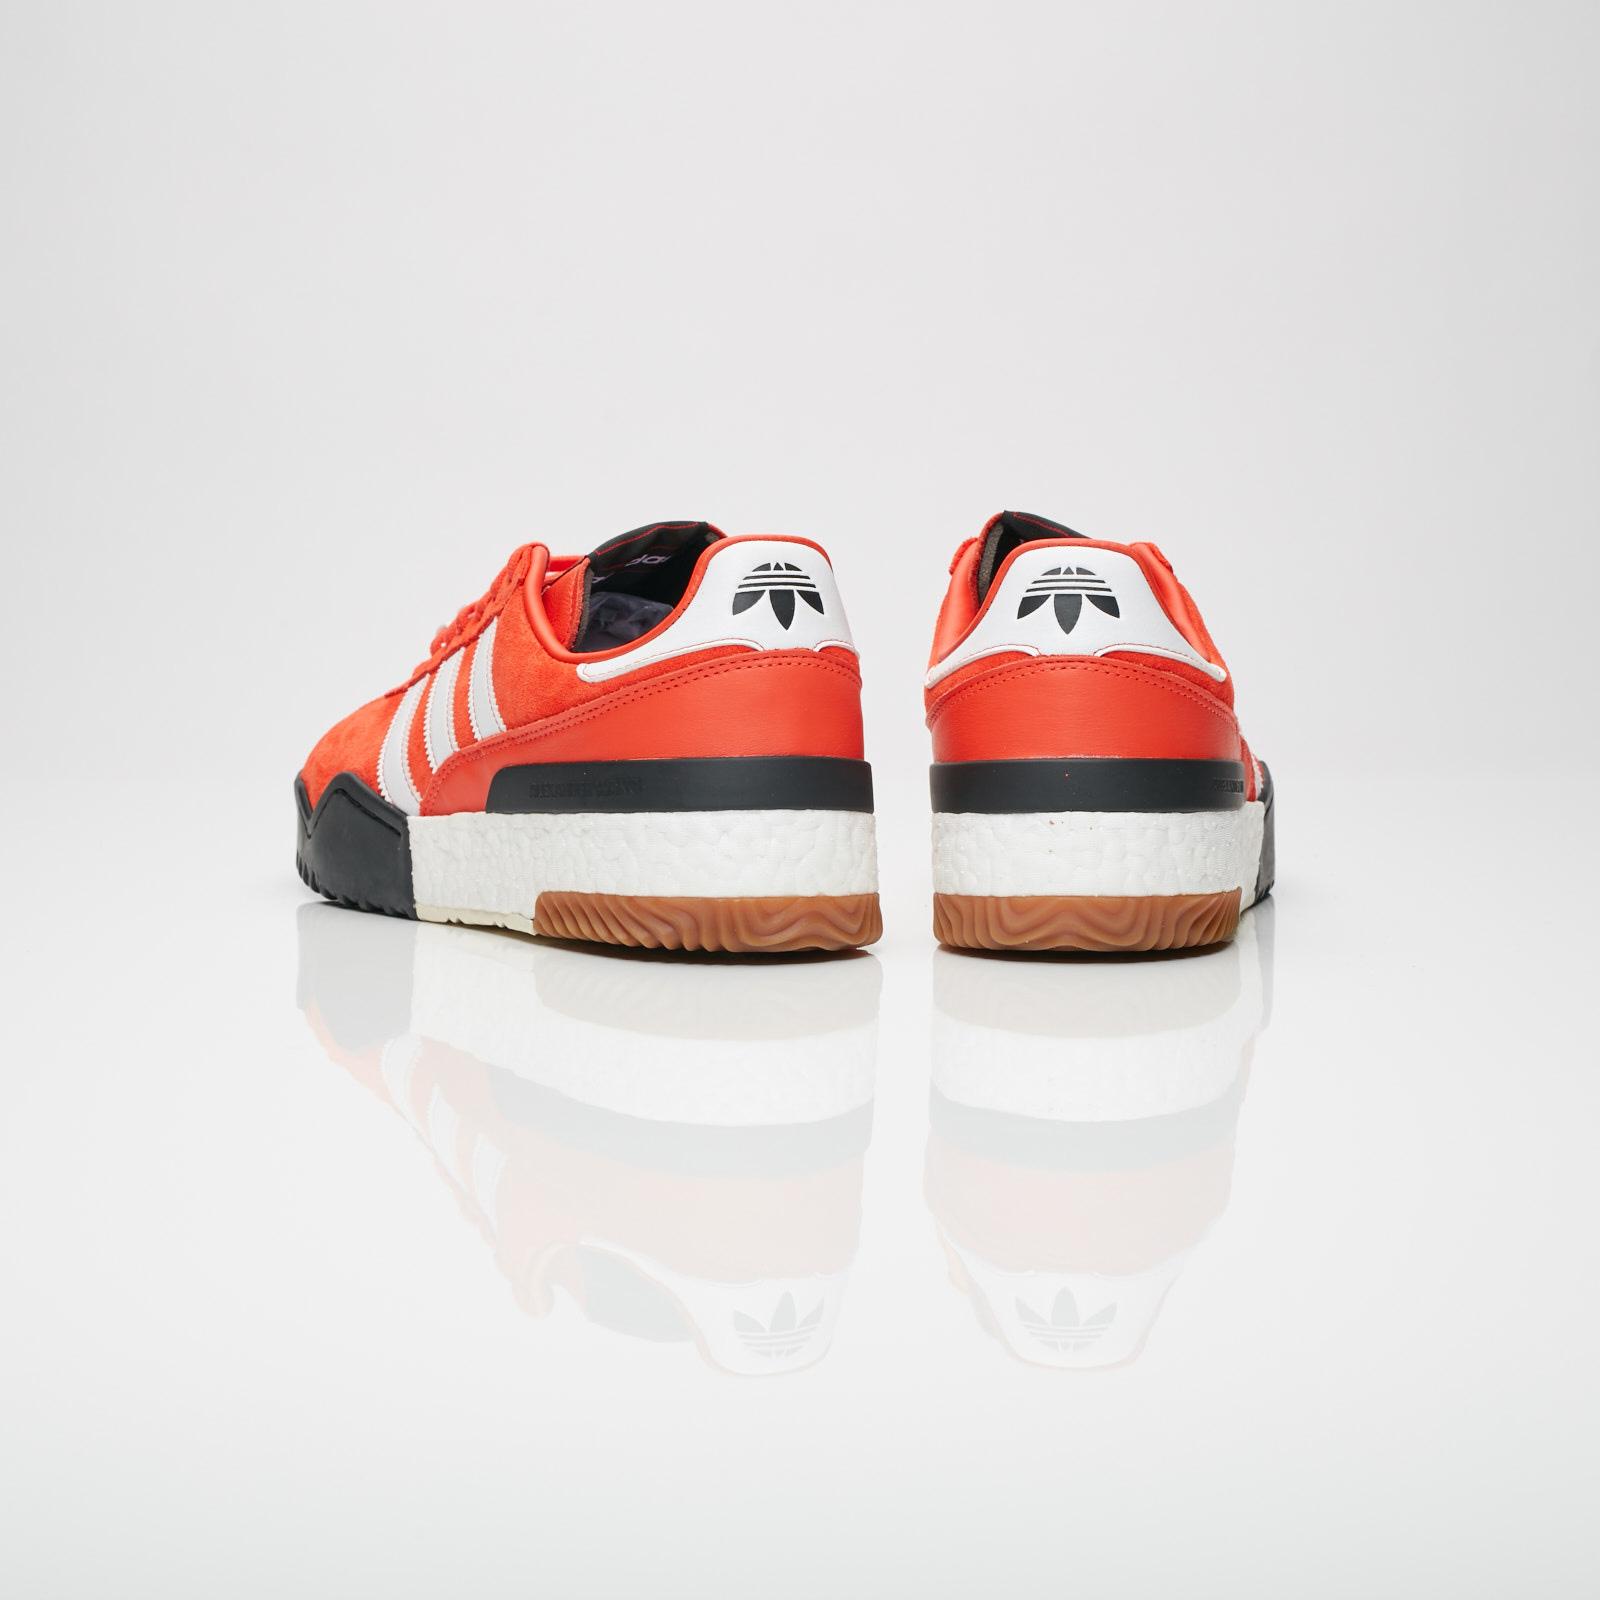 online retailer d4843 bdeb8 ... adidas Originals by Alexander Wang Bball Soccer ...